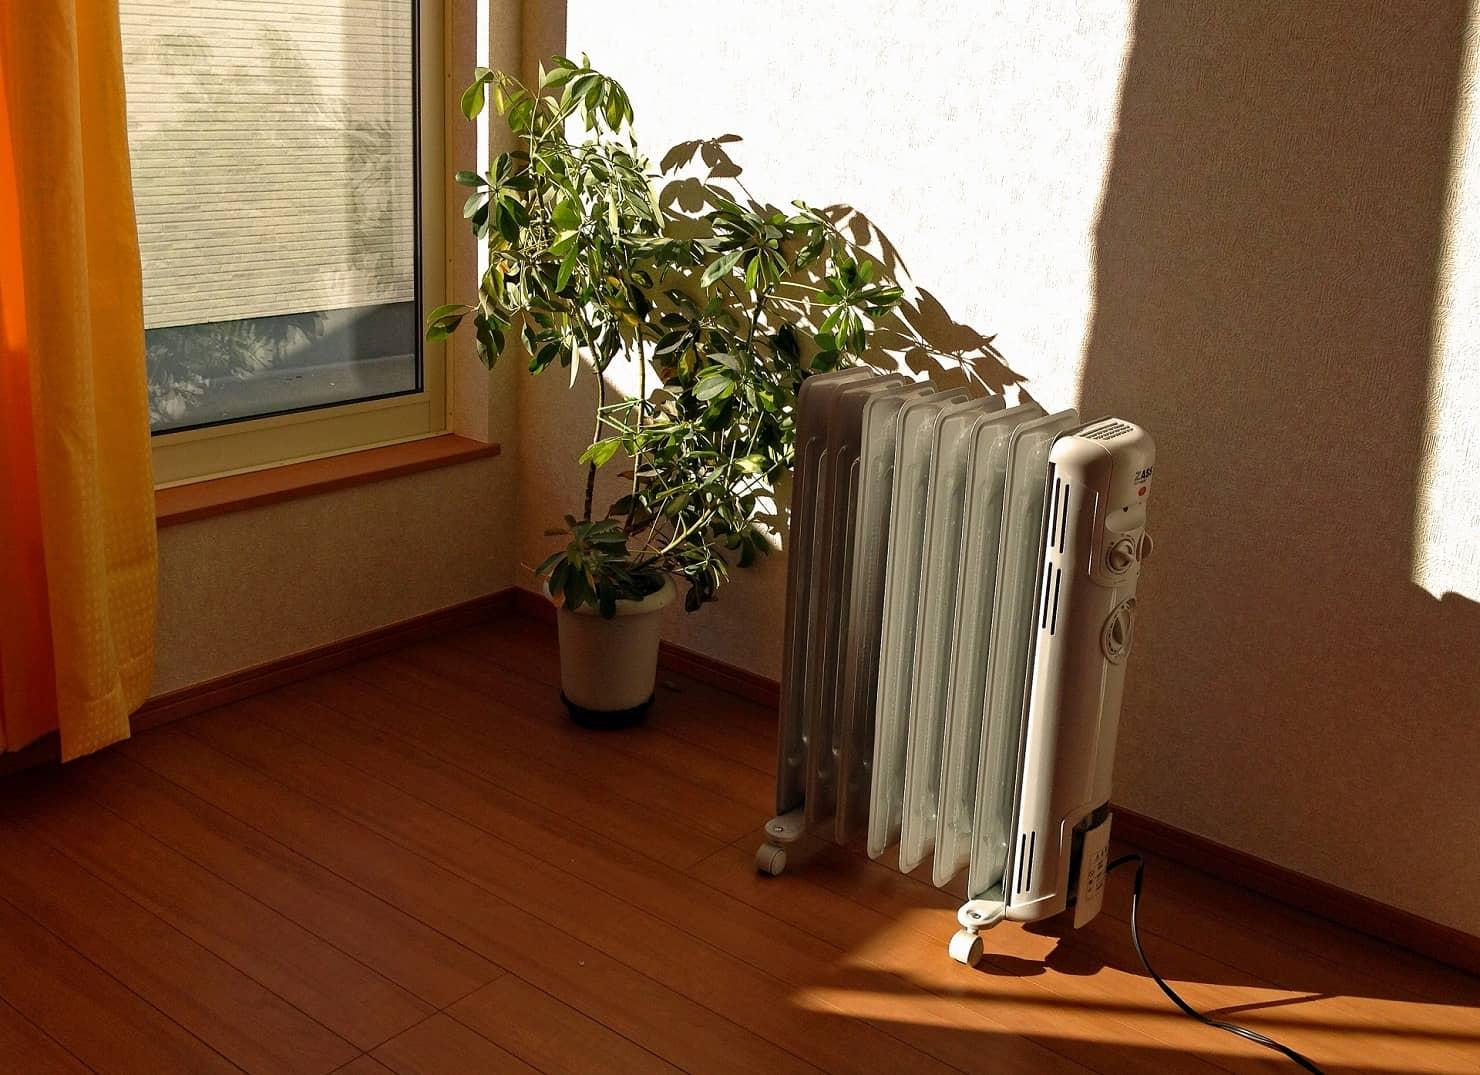 赤ちゃんにおすすめな暖房器具はどれ? 電気代と安全性から比較してみました